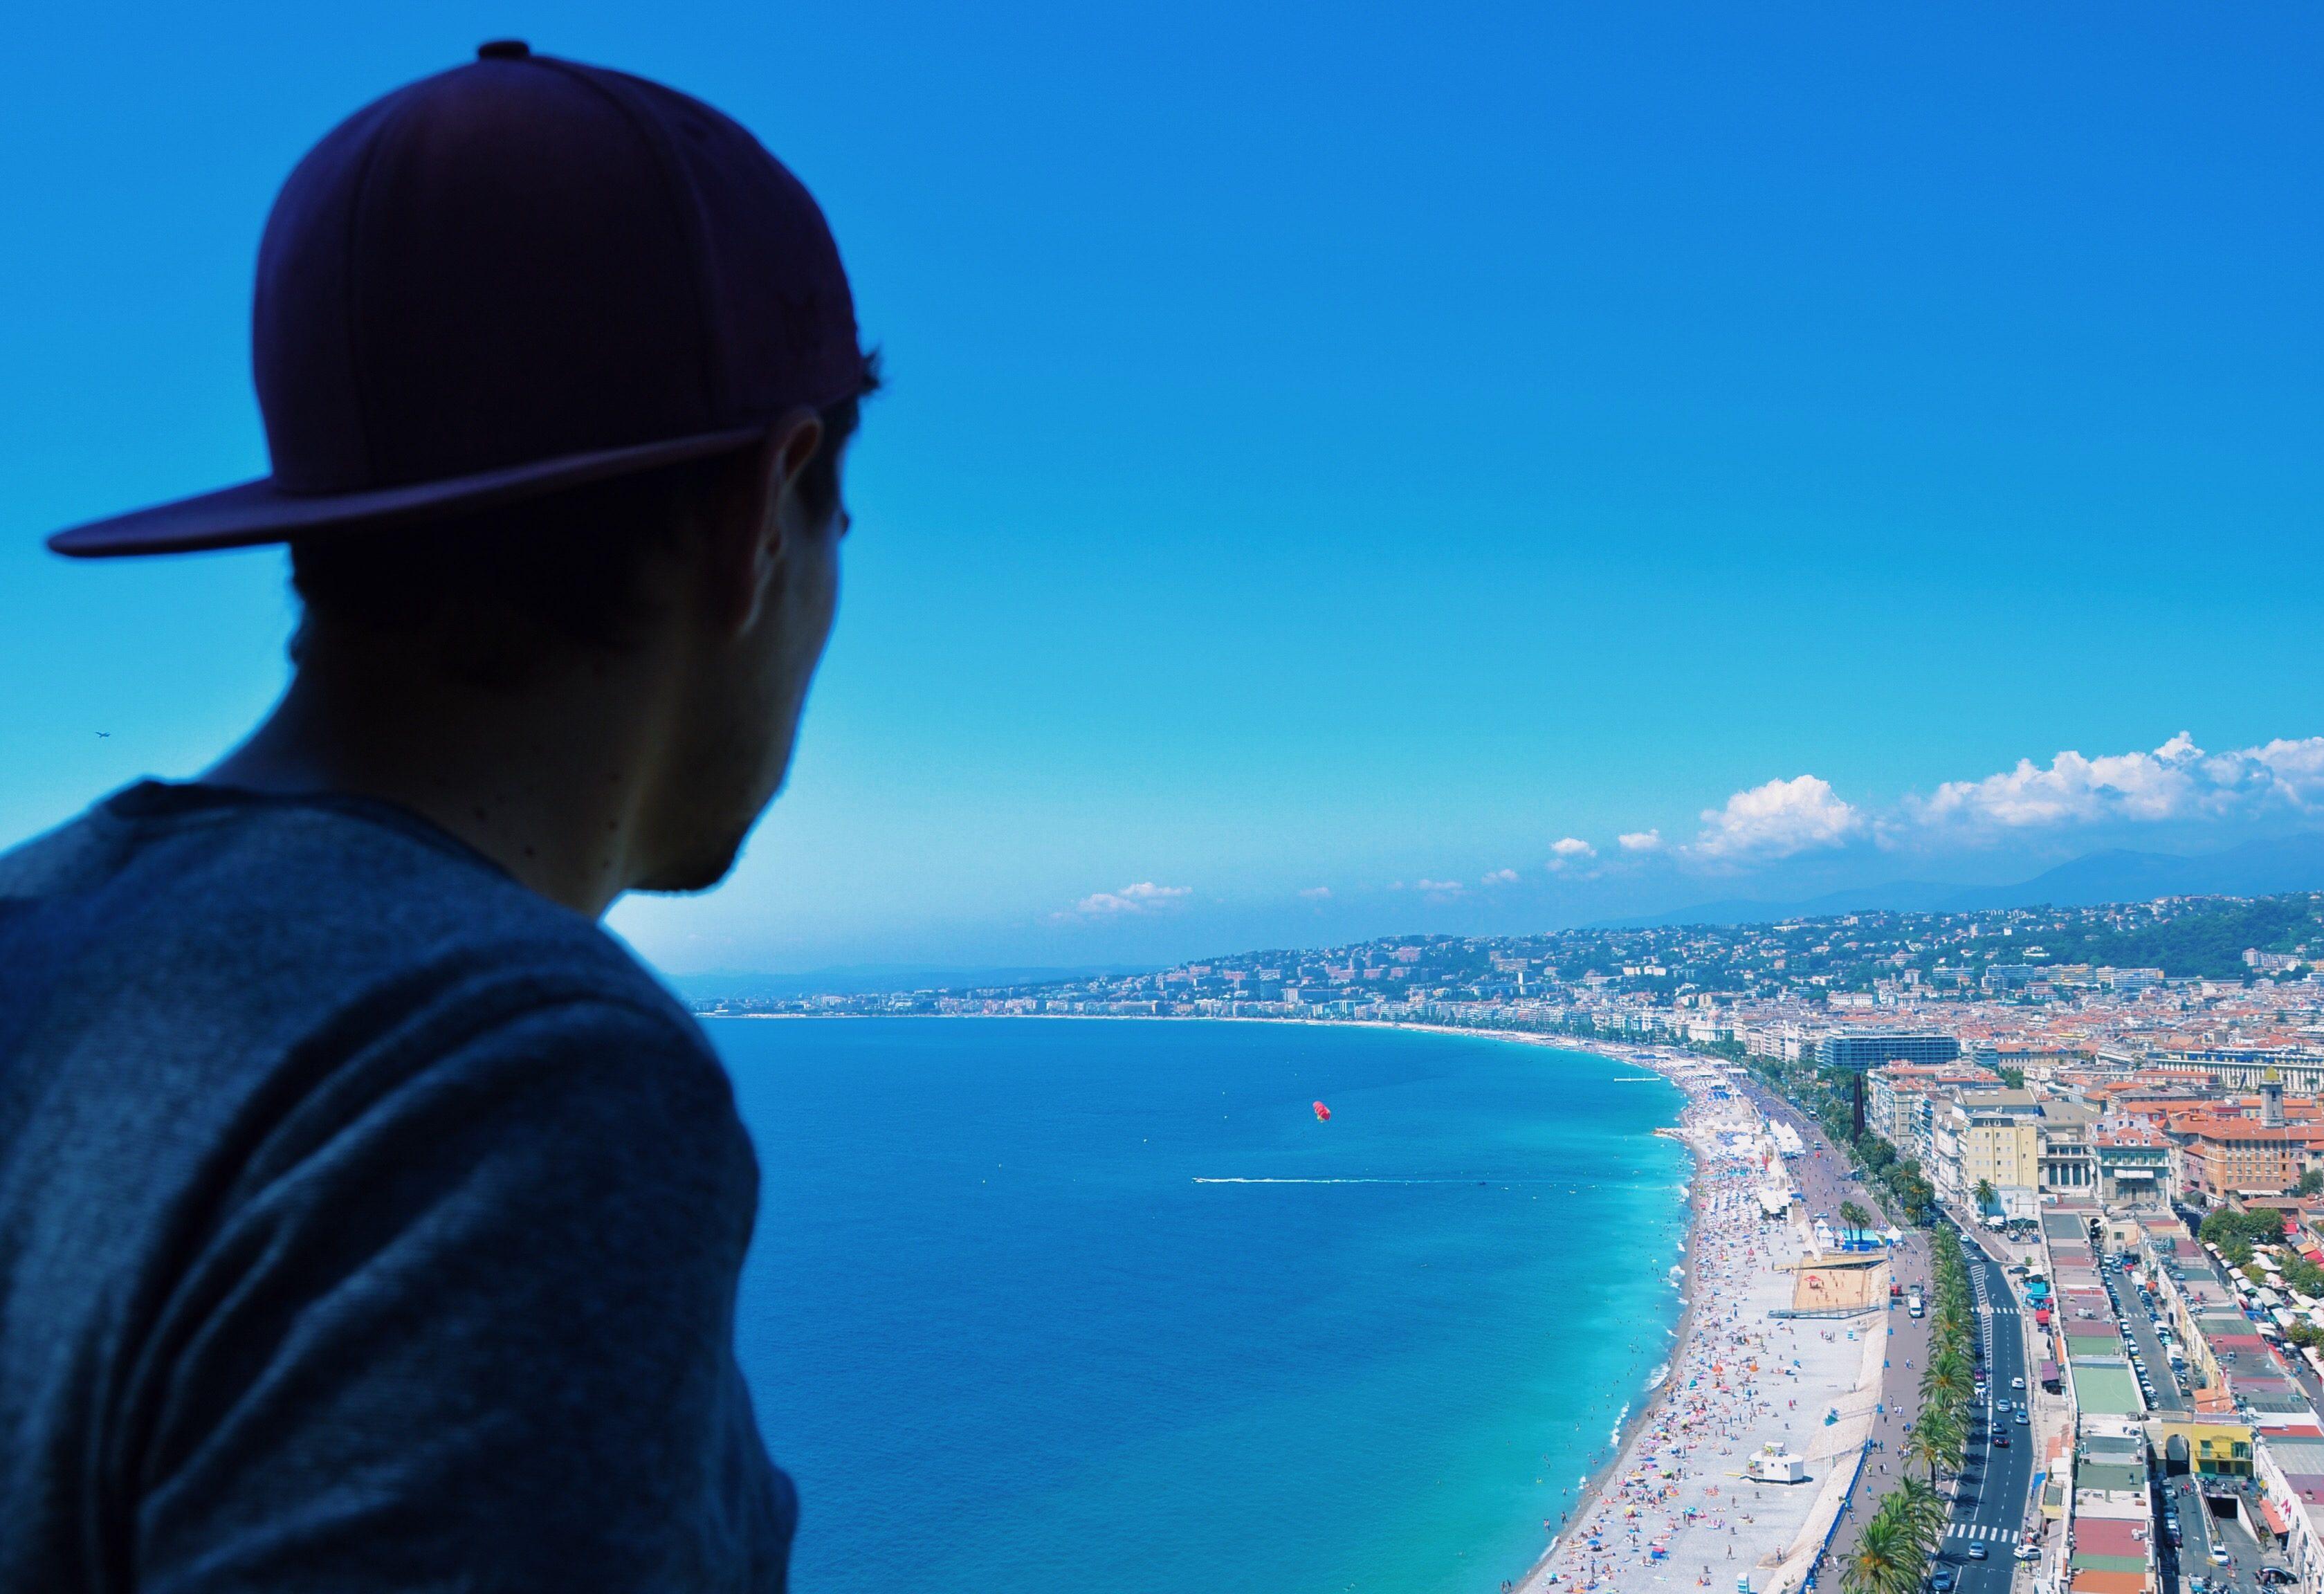 colline-du-chateau-baie-des-anges-une-semaine-a-nice-blog-voyage-les-ptits-touristes-2